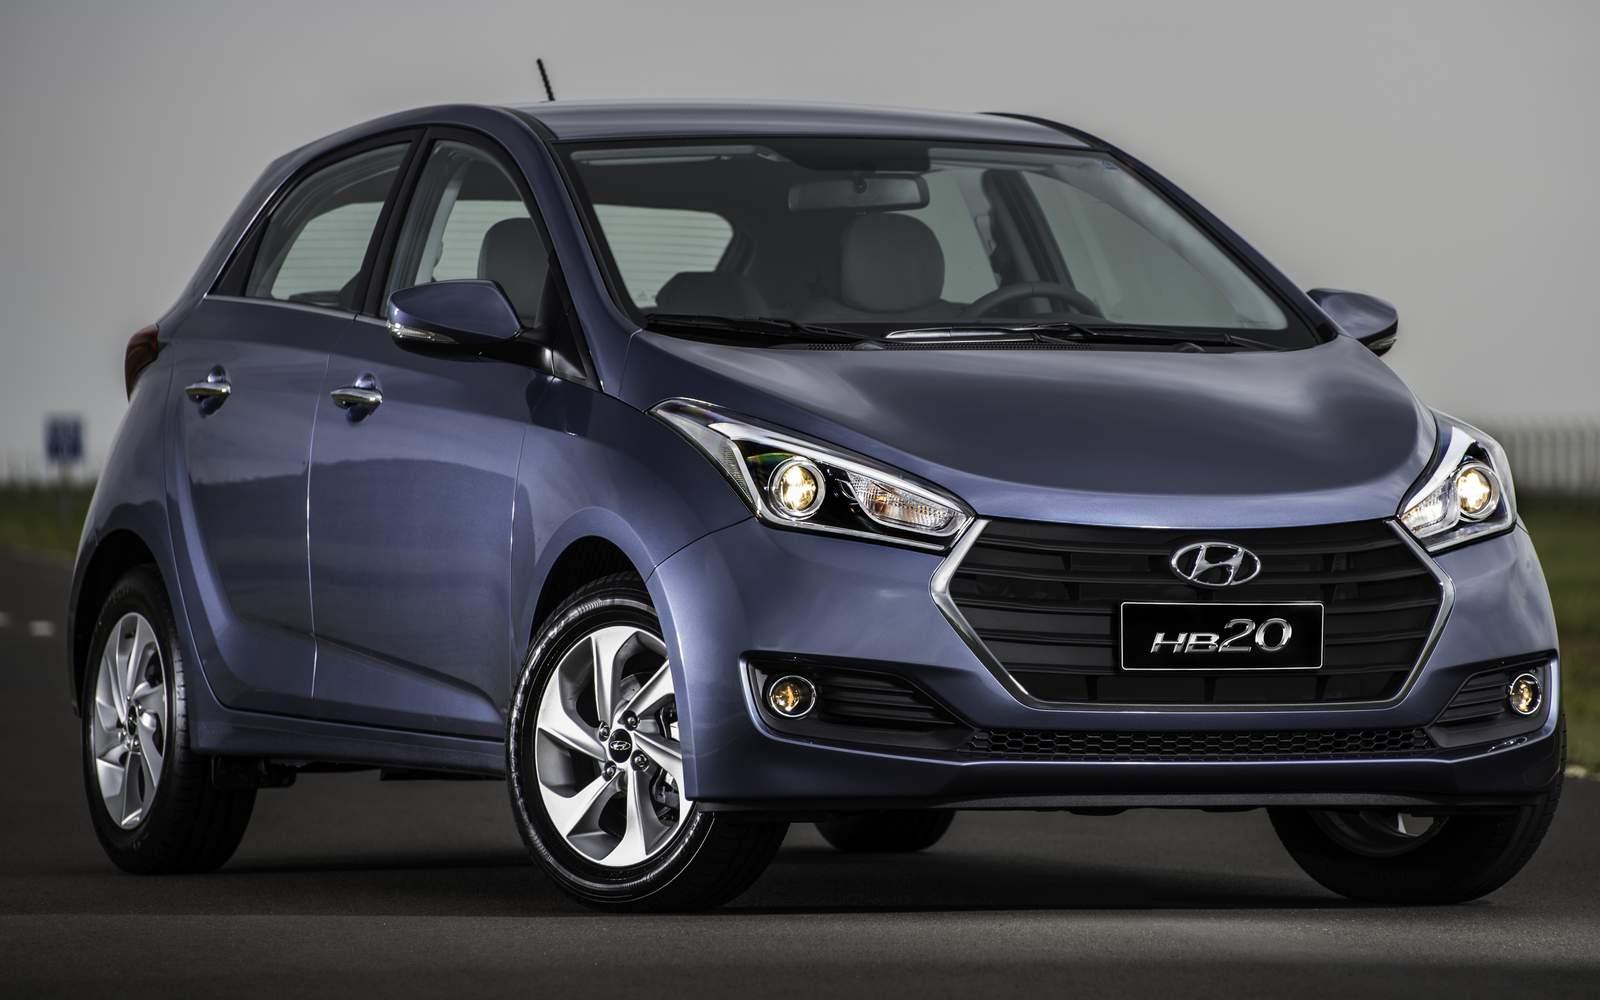 Hyundai HB20 1.6 Premium Automático - R$ 2.600 reais mais batato que o Fiat Argo 1.8 Automático